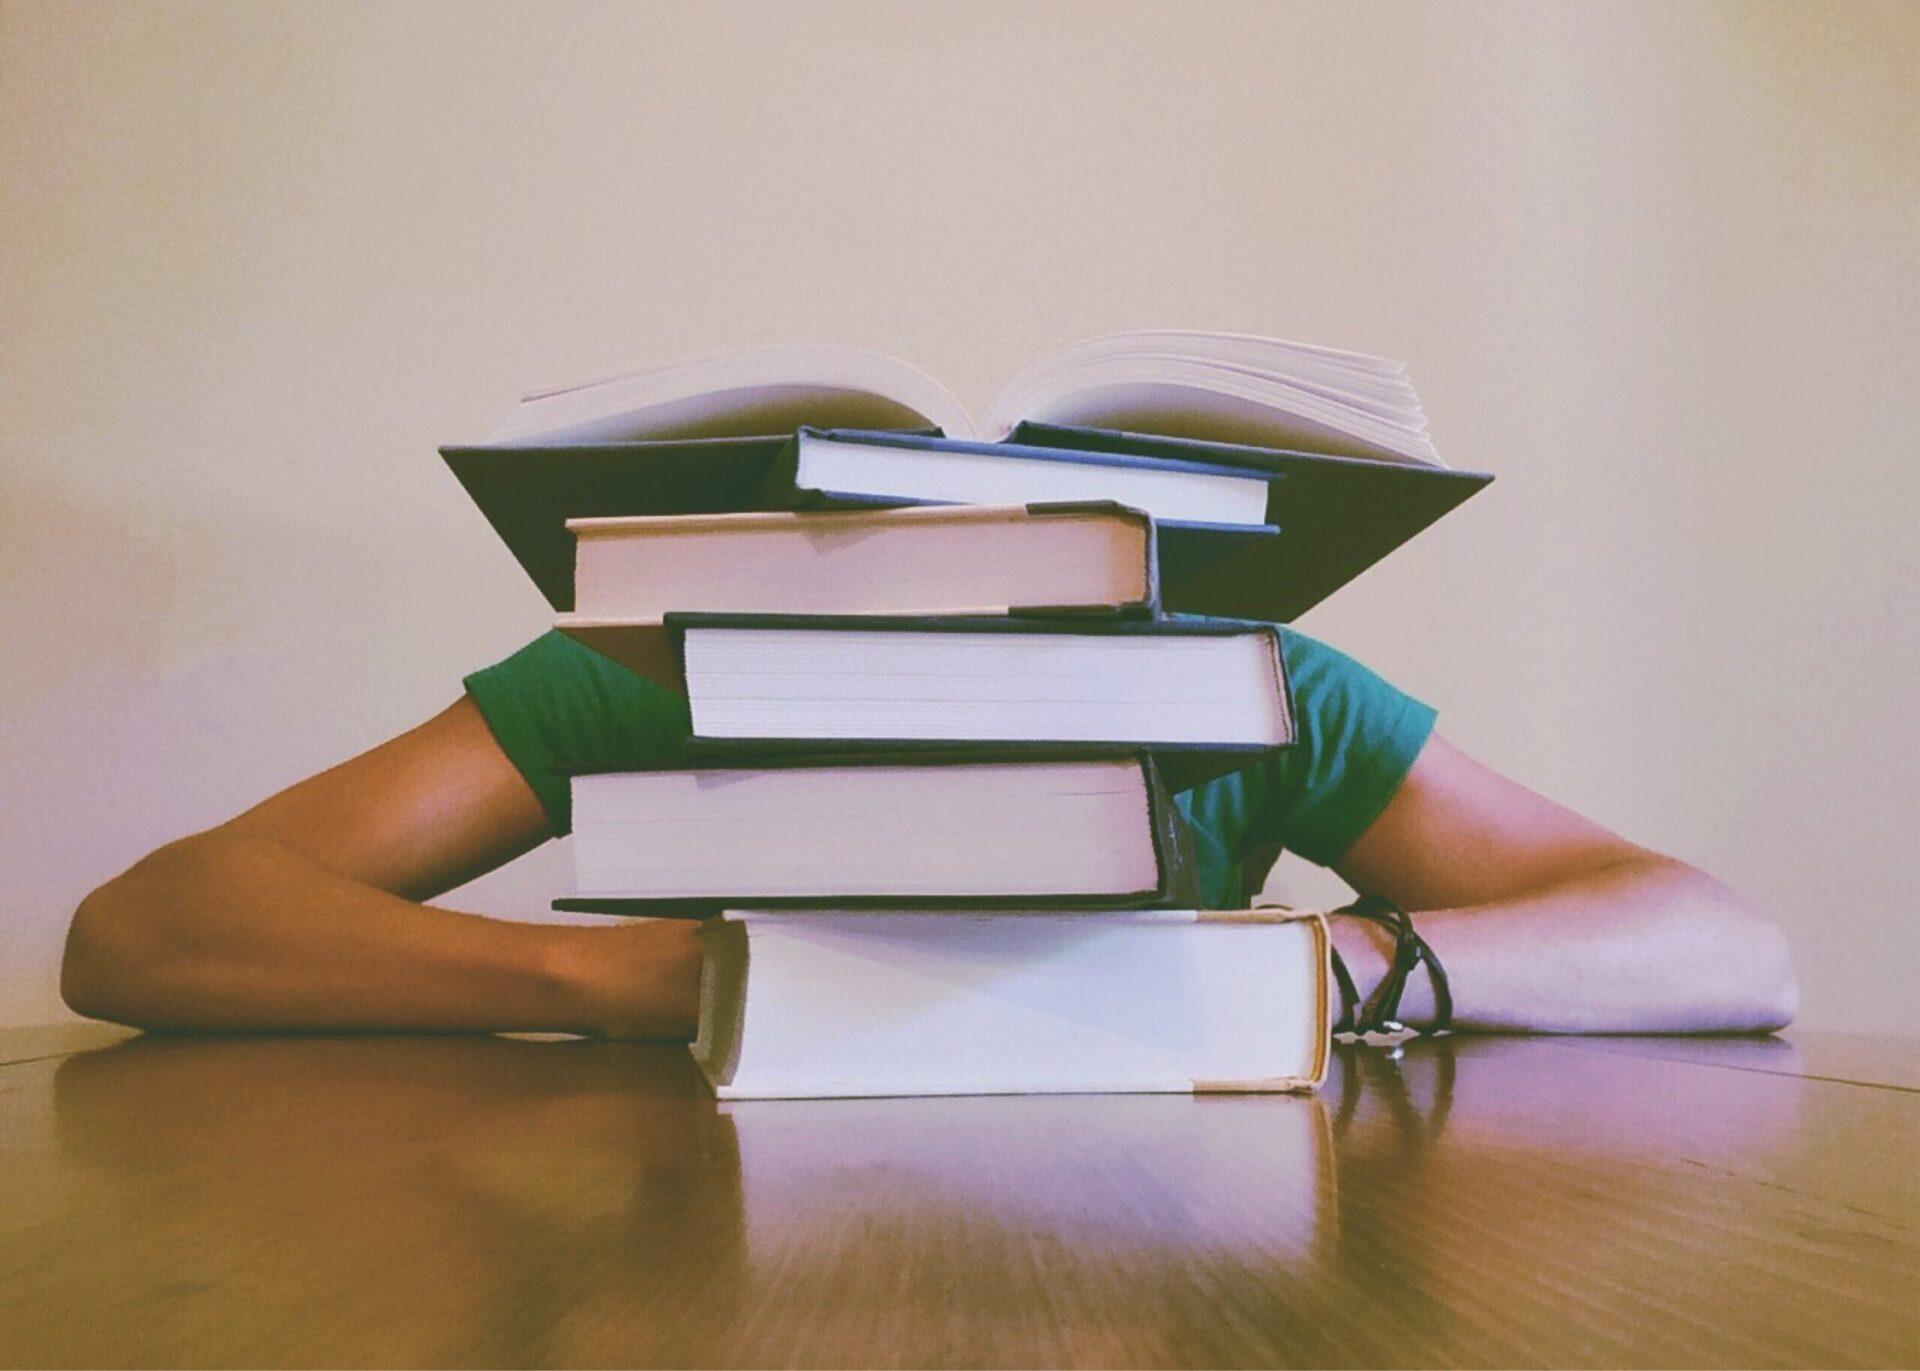 医学部受験の難易度について説明!難易度の高い医学部は予備校での学習がおすすめ